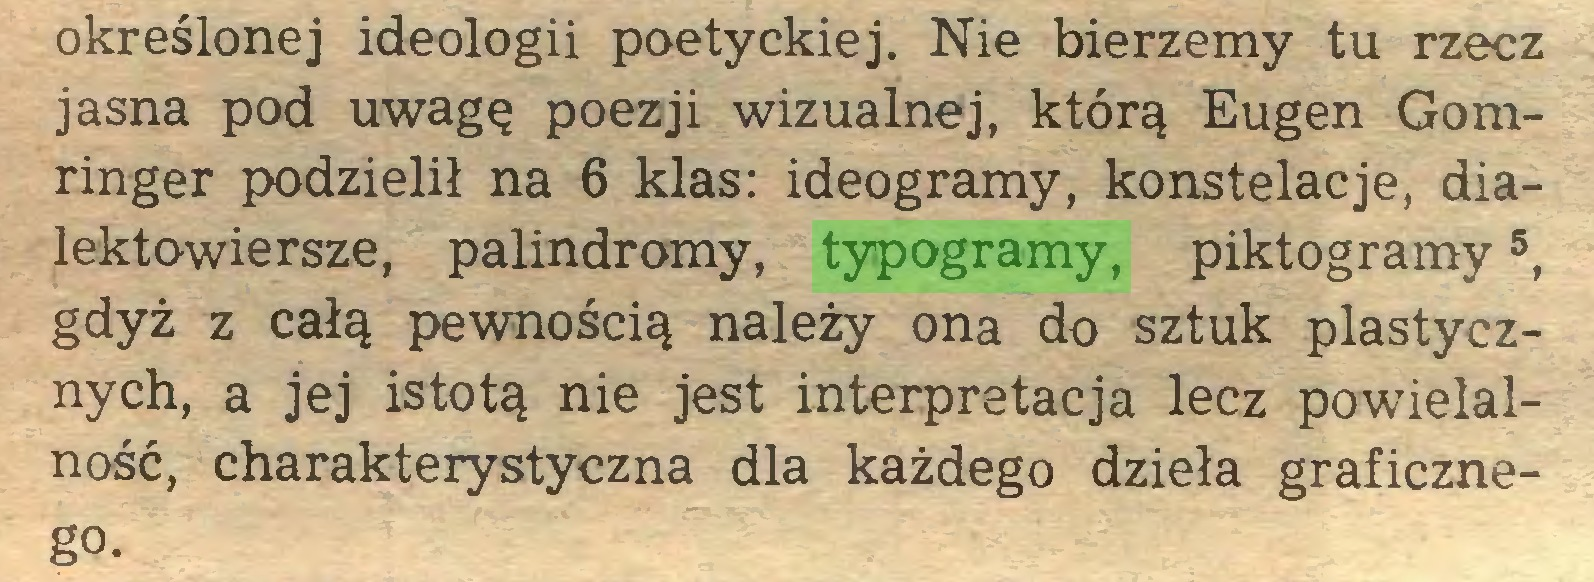 (...) określonej ideologii poetyckiej. Nie bierzemy tu rzecz jasna pod uwagę poezji wizualnej, którą Eugen Gomringer podzielił na 6 klas: ideogramy, konstelacje, dialektowiersze, palindromy, typogramy, piktogramy5, gdyż z całą pewnością należy ona do sztuk plastycznych, a jej istotą nie jest interpretacja lecz powielalność, charakterystyczna dla każdego dzieła graficzneg°...